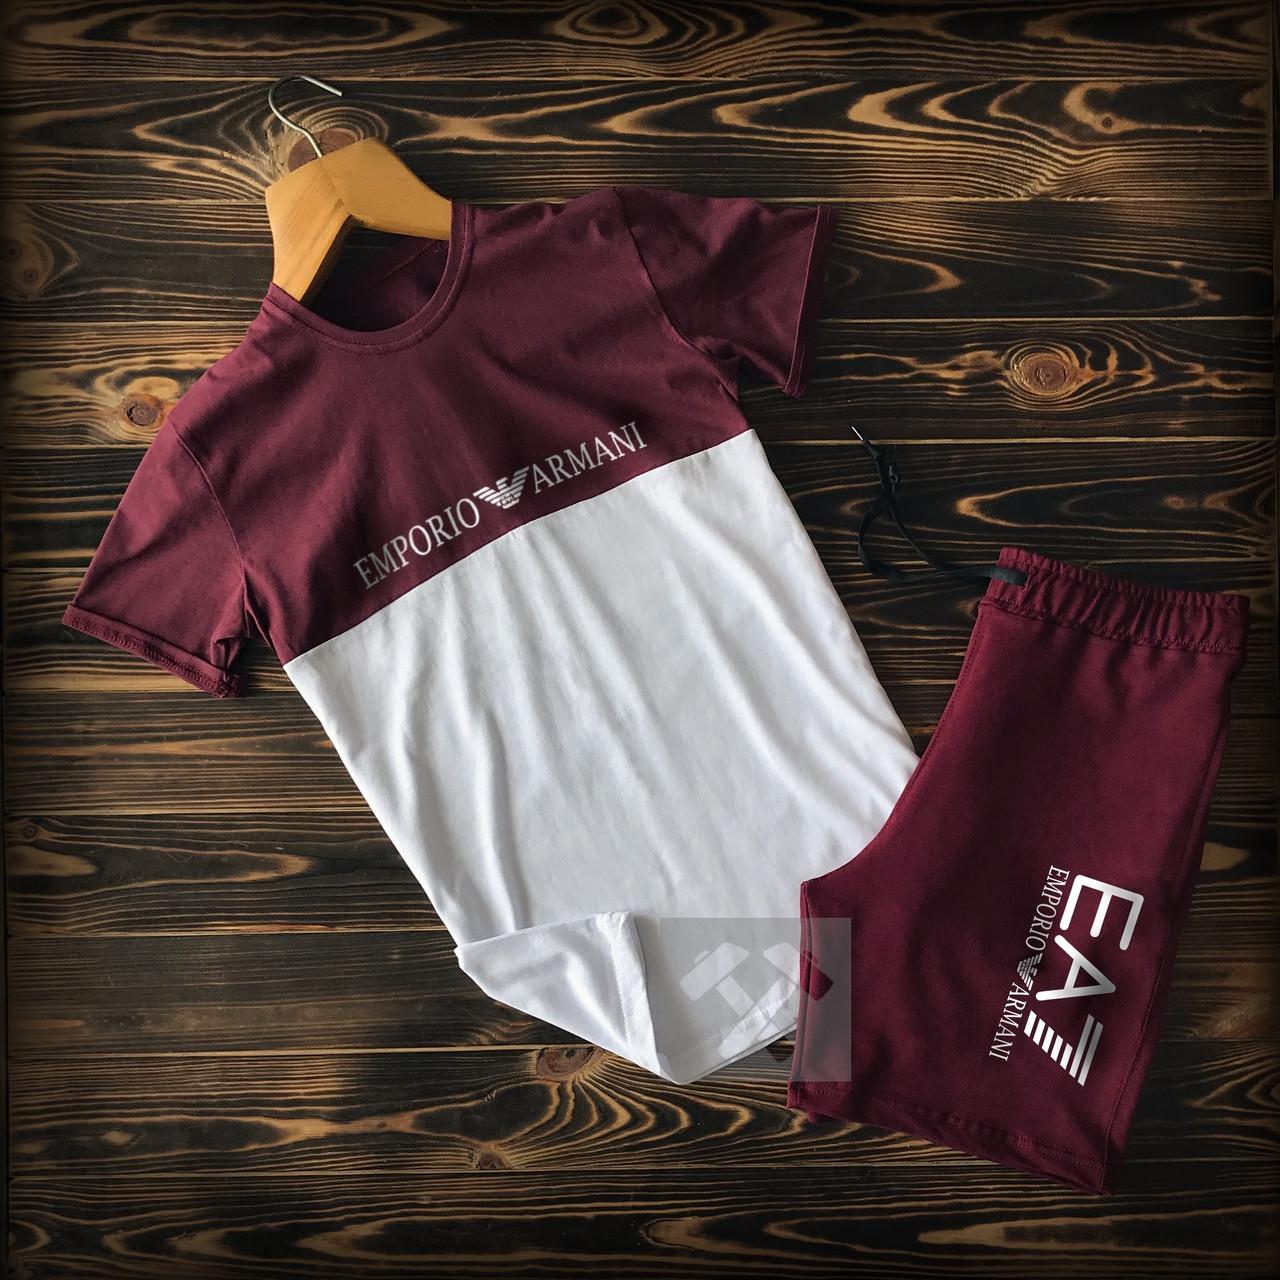 Мужской спортивный комплект, футболка + шорты. Цвет: бордовый